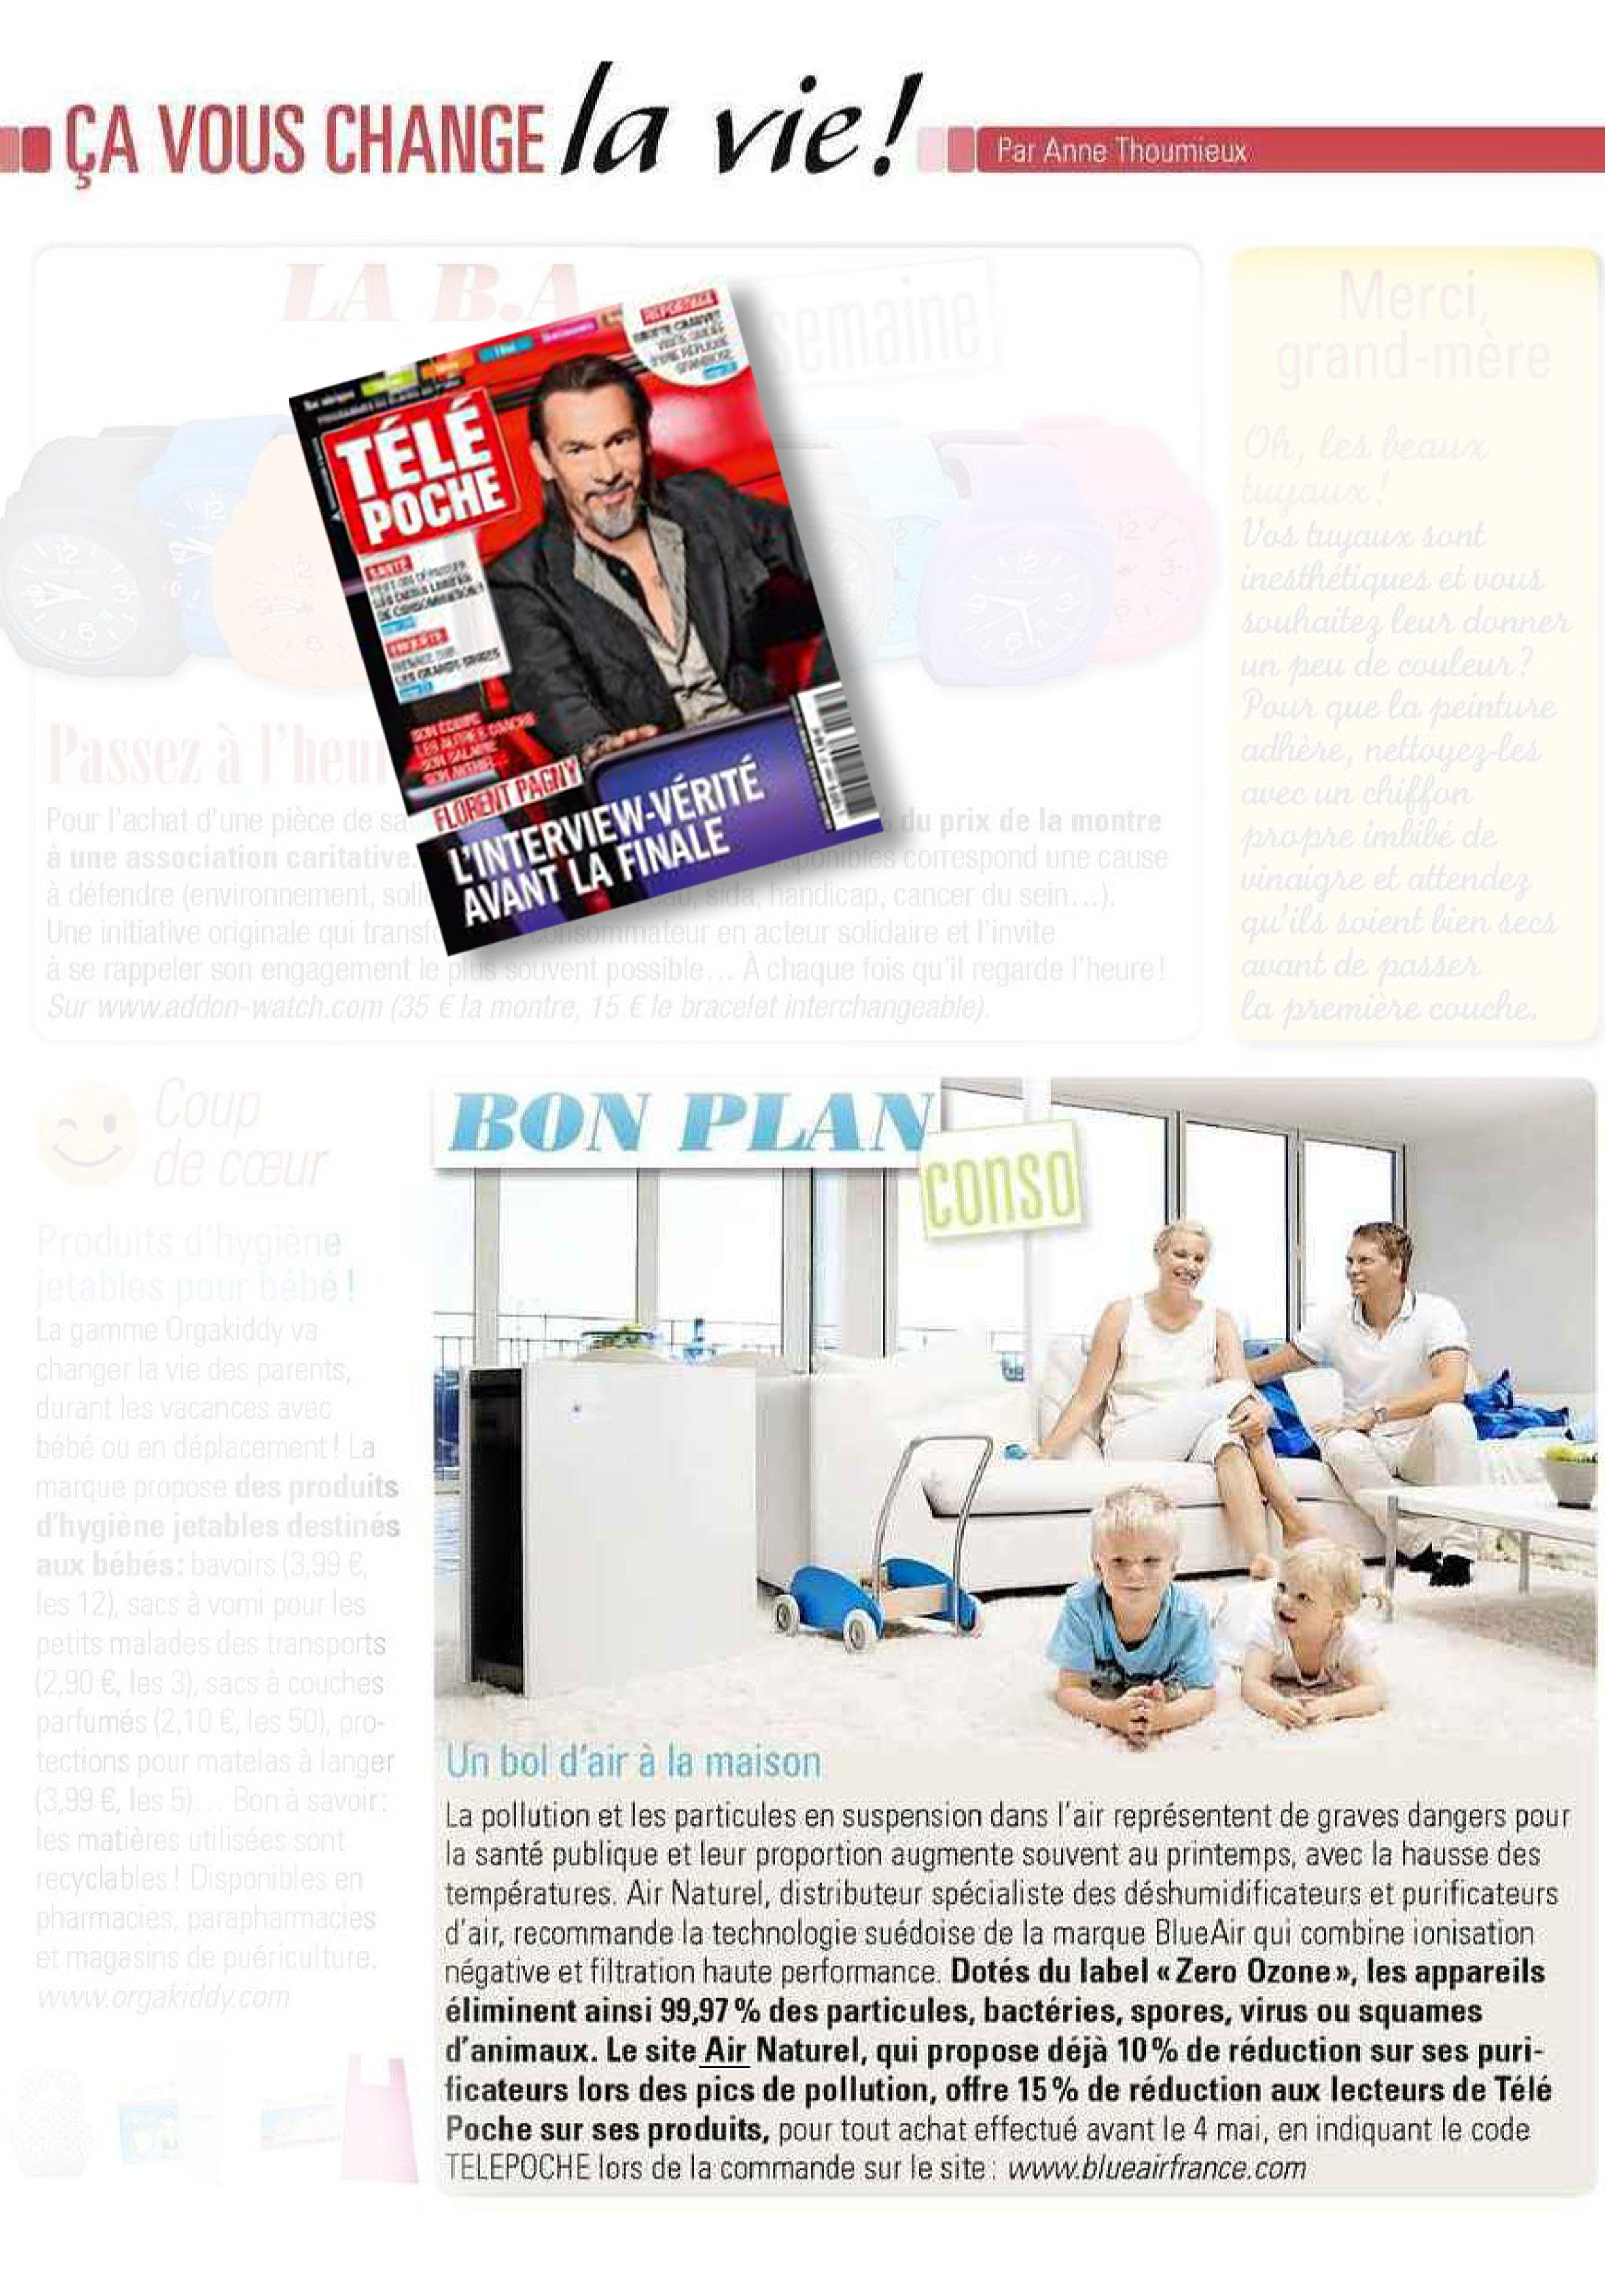 Avril 2015 : Les purificateurs d'air Blueair sont en promotion grâce au magazine Télé Poche, un bol d'air pour ses lecteurs.